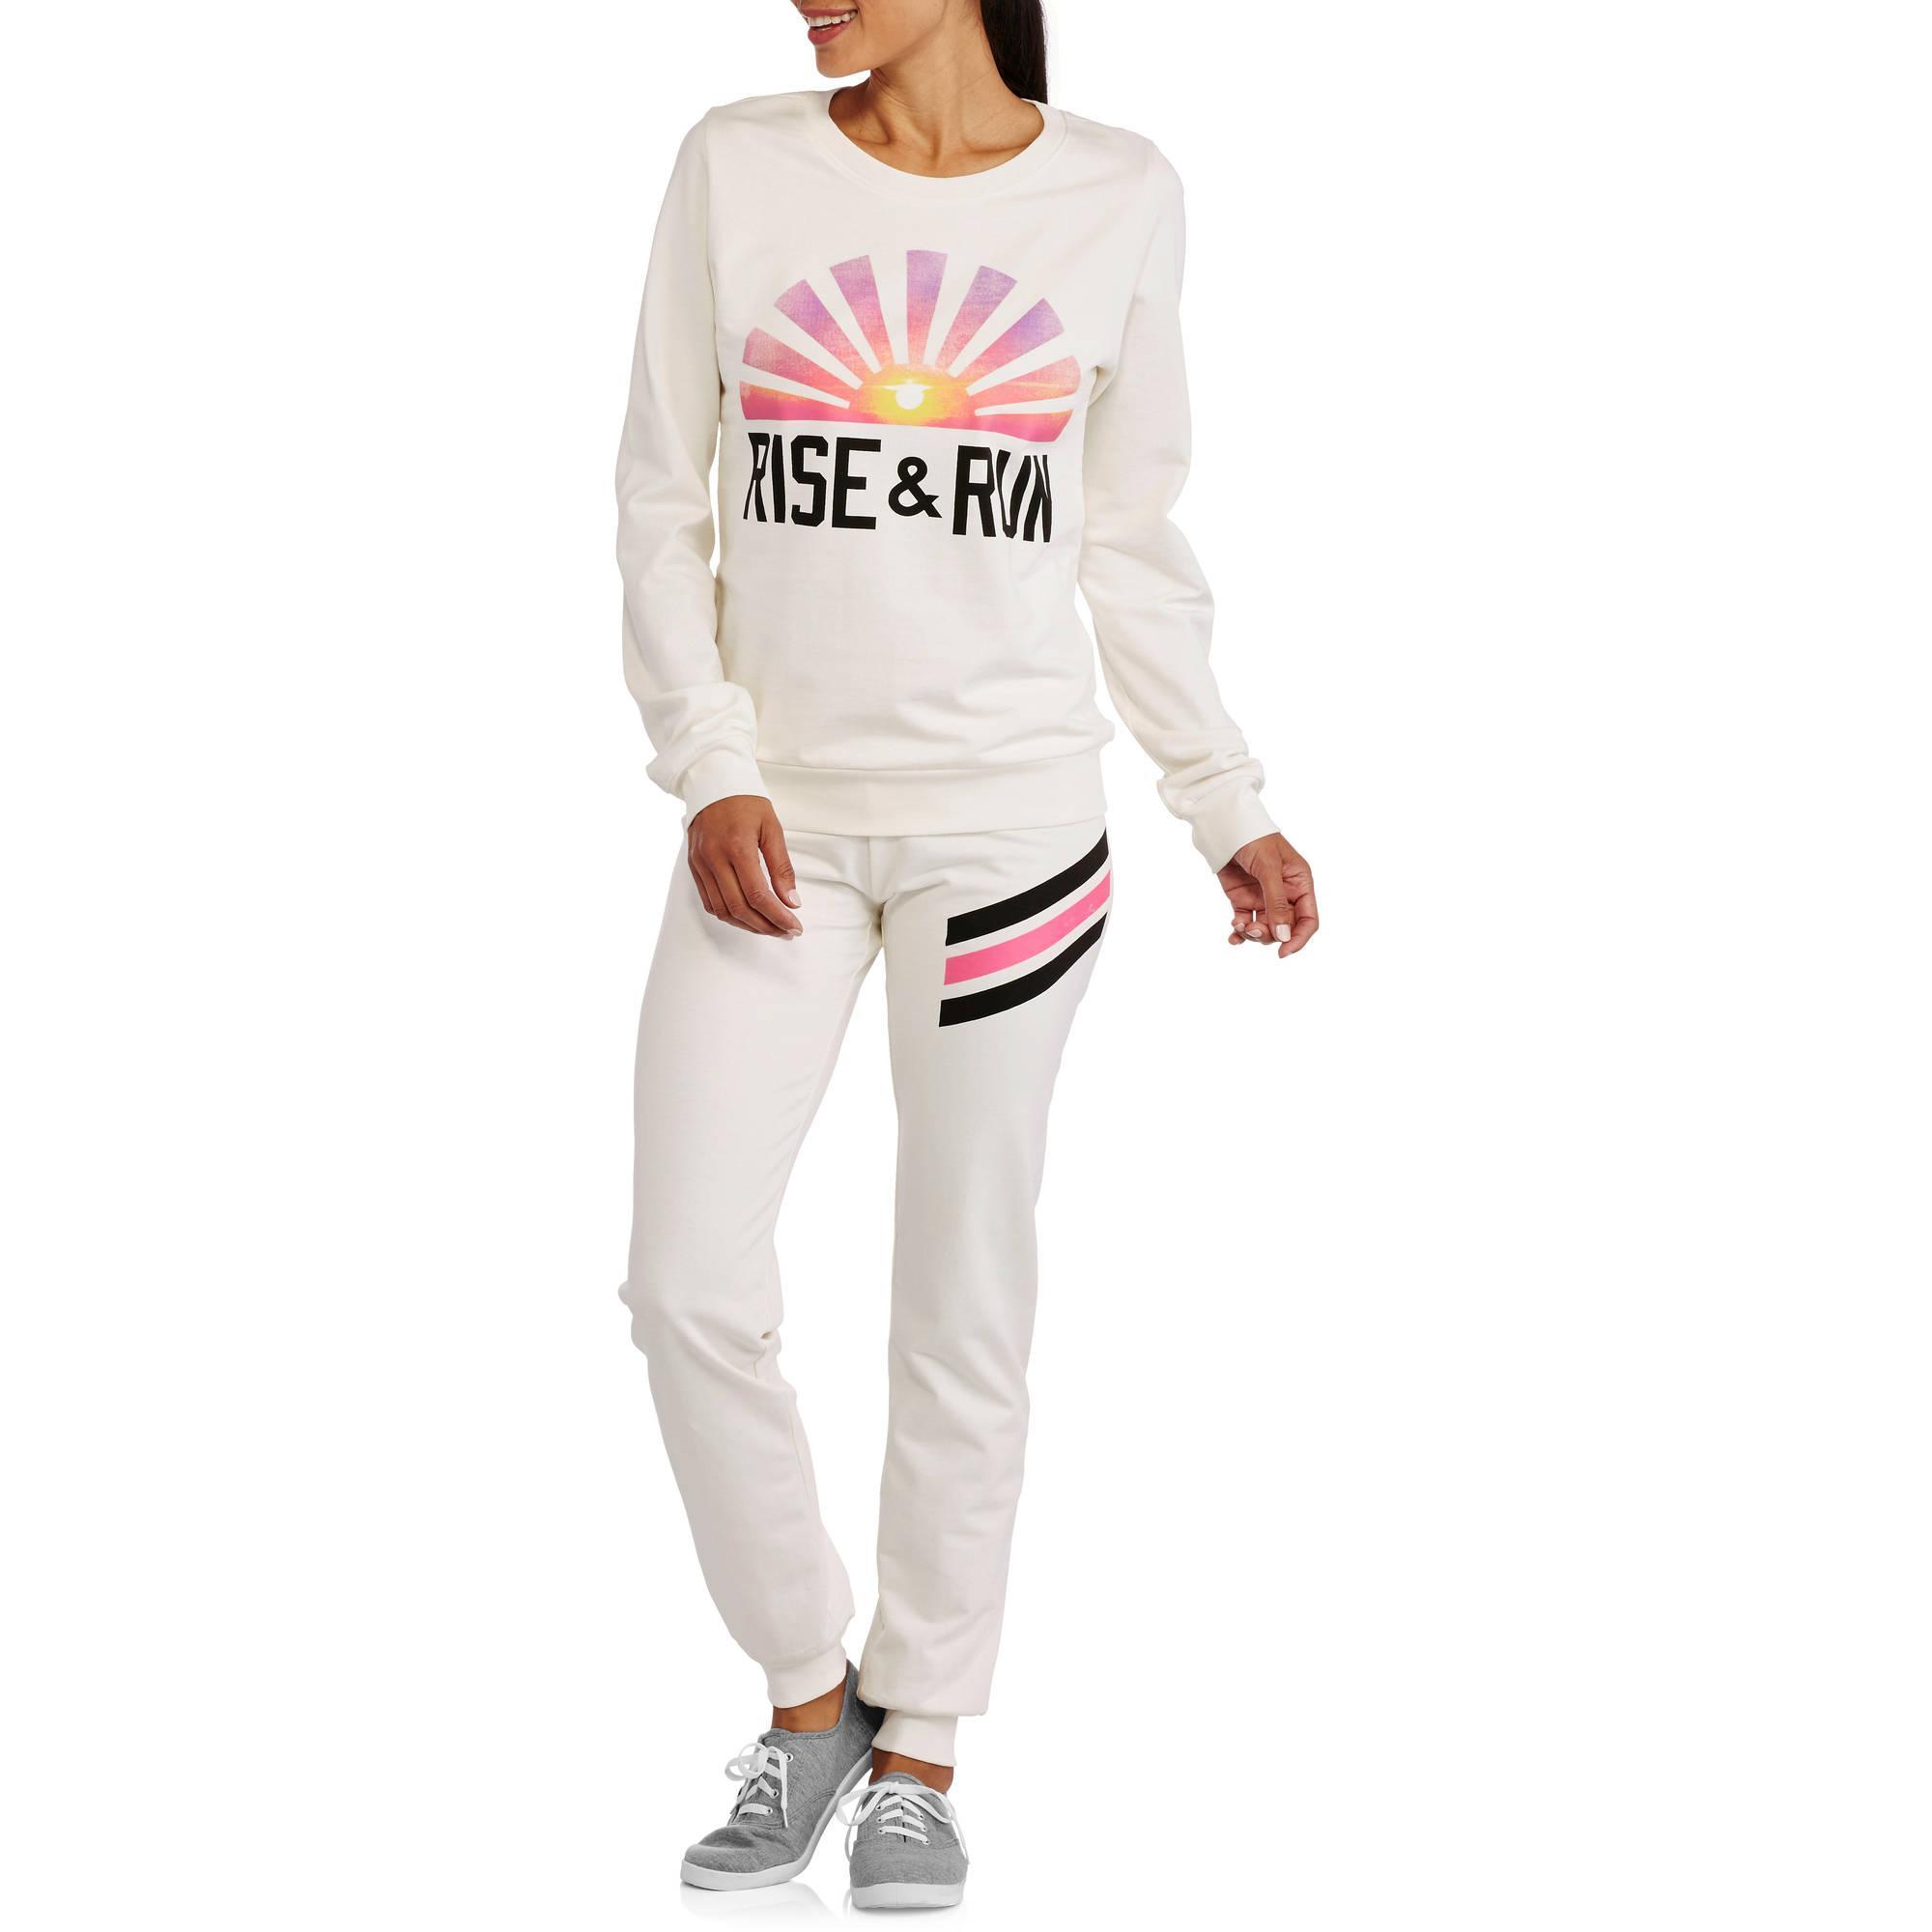 Womens Long Sleeve Shirts At Walmart